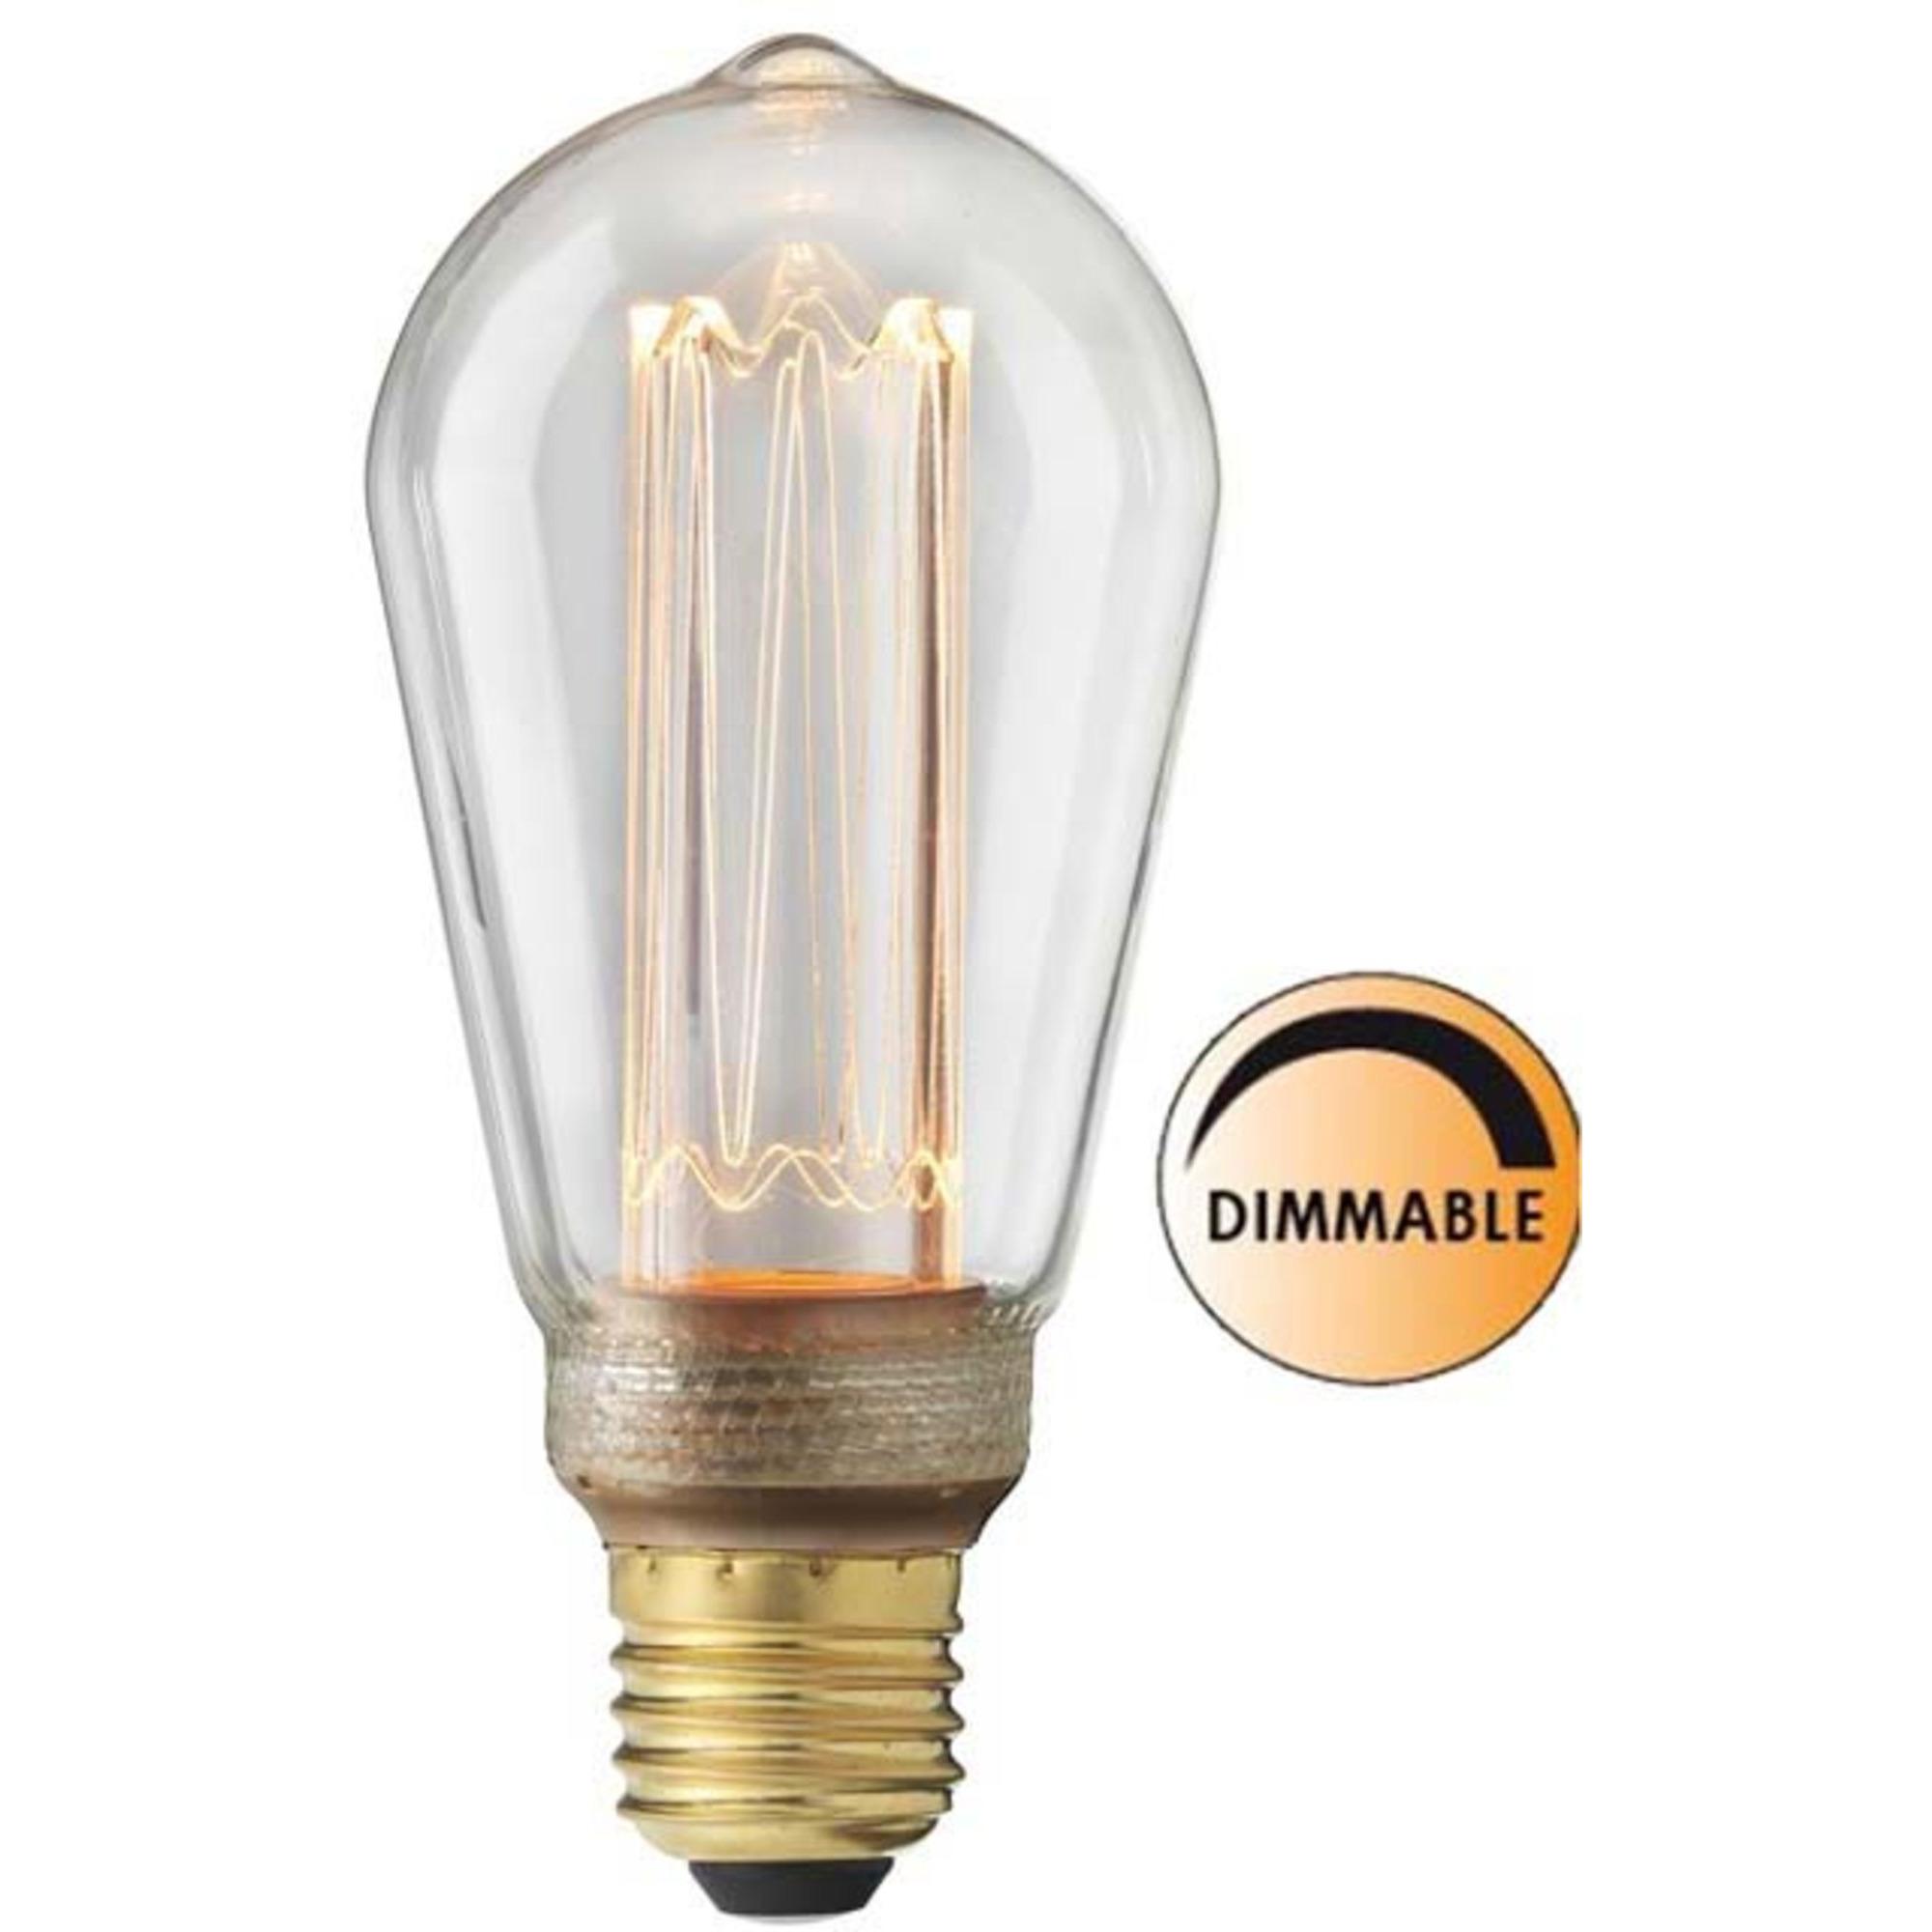 Globen Lighting Ljuskälla Laser LED Filament DimbaKlar Uniterm E27